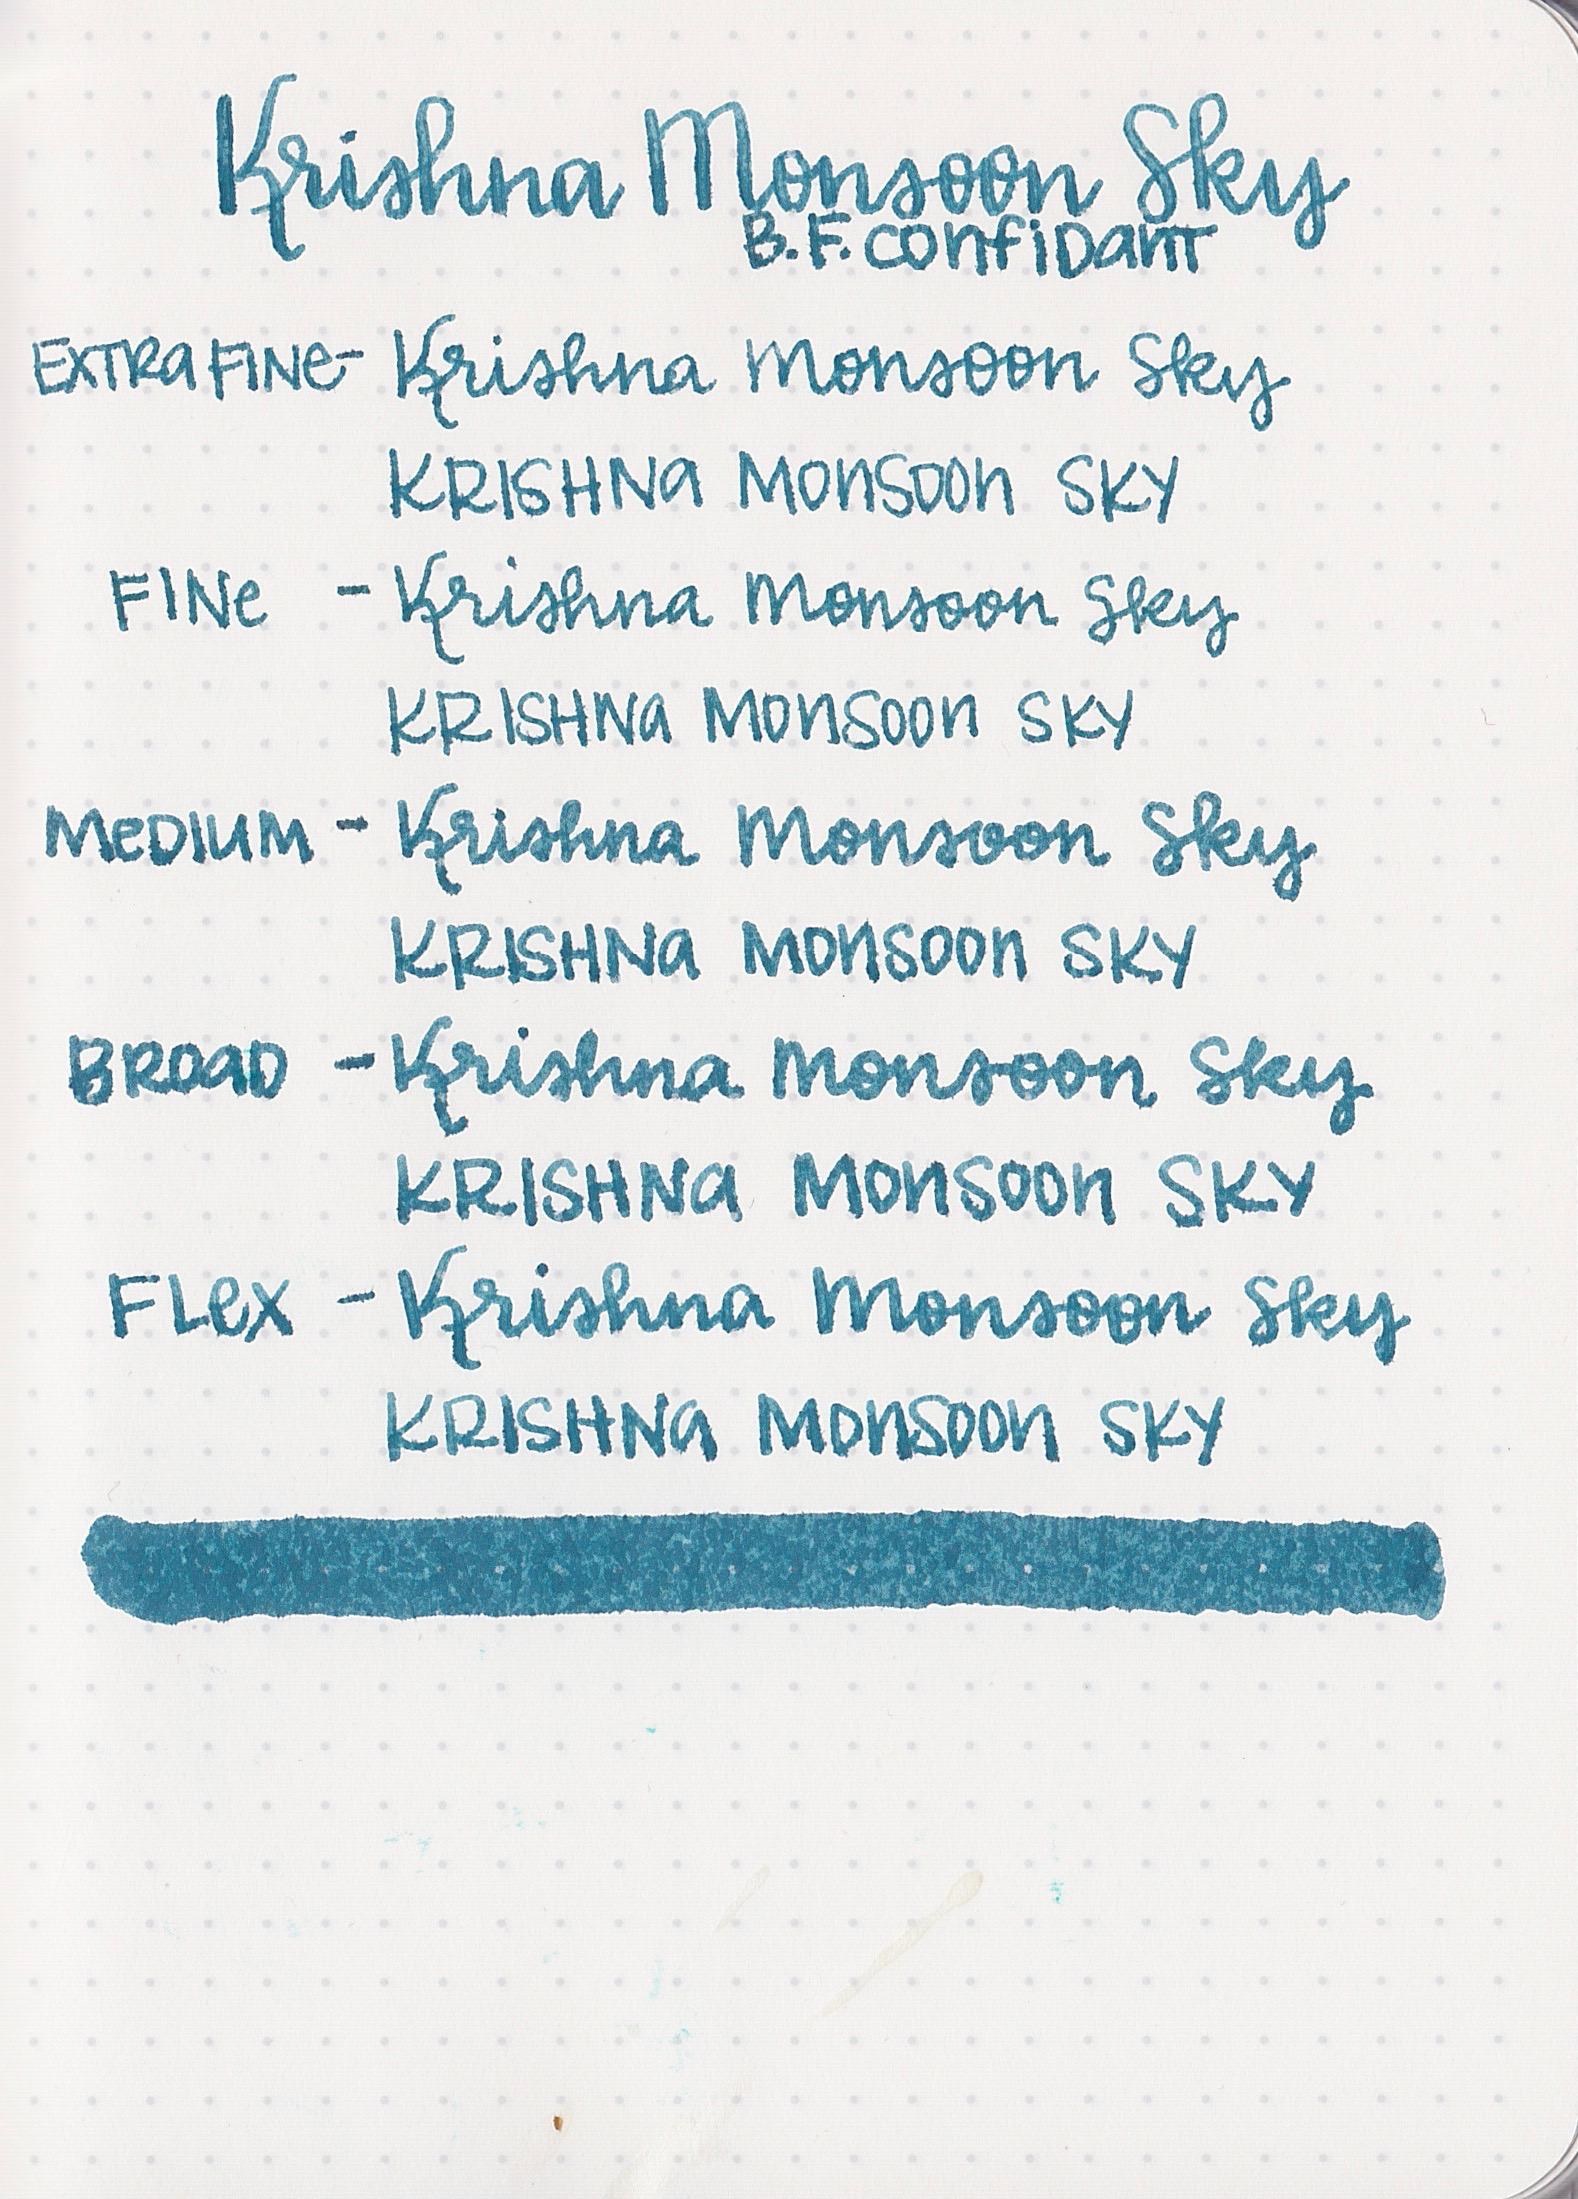 KMonsoonSky - 15.jpg